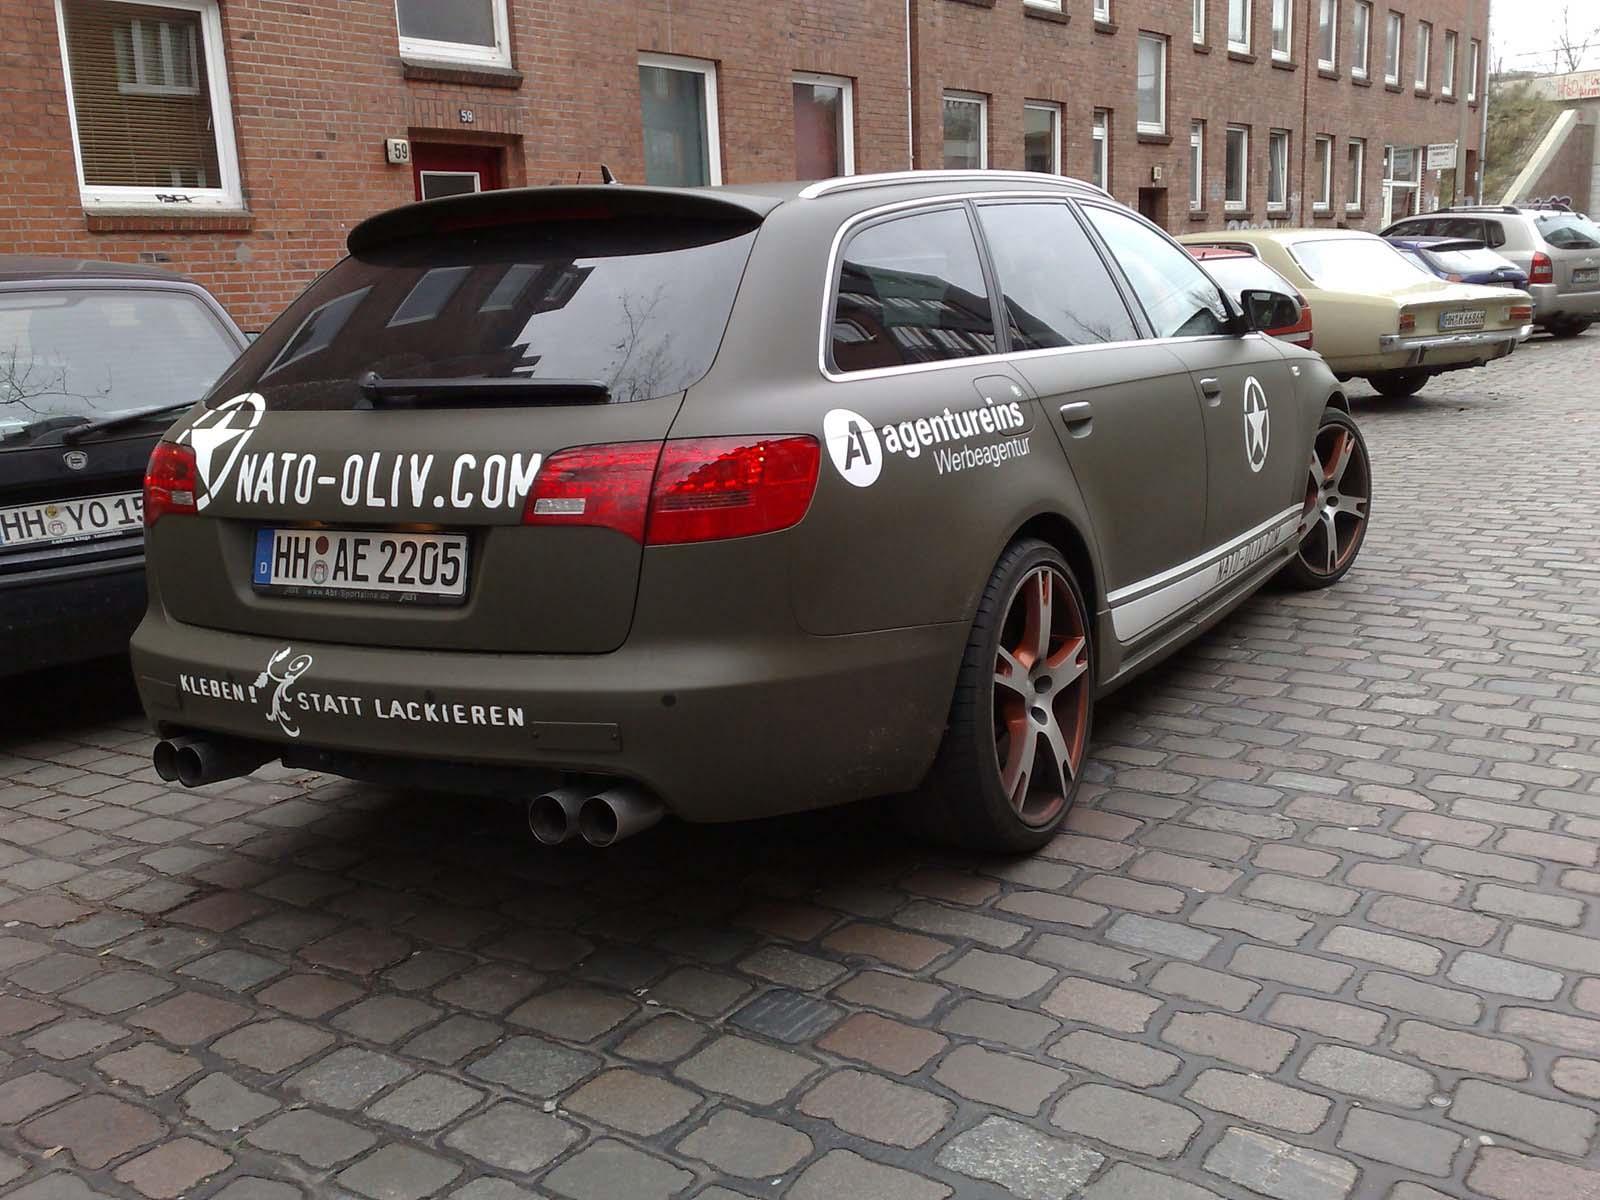 Audi_A6_Nato-Oliv_Folie_Beschriftung_10